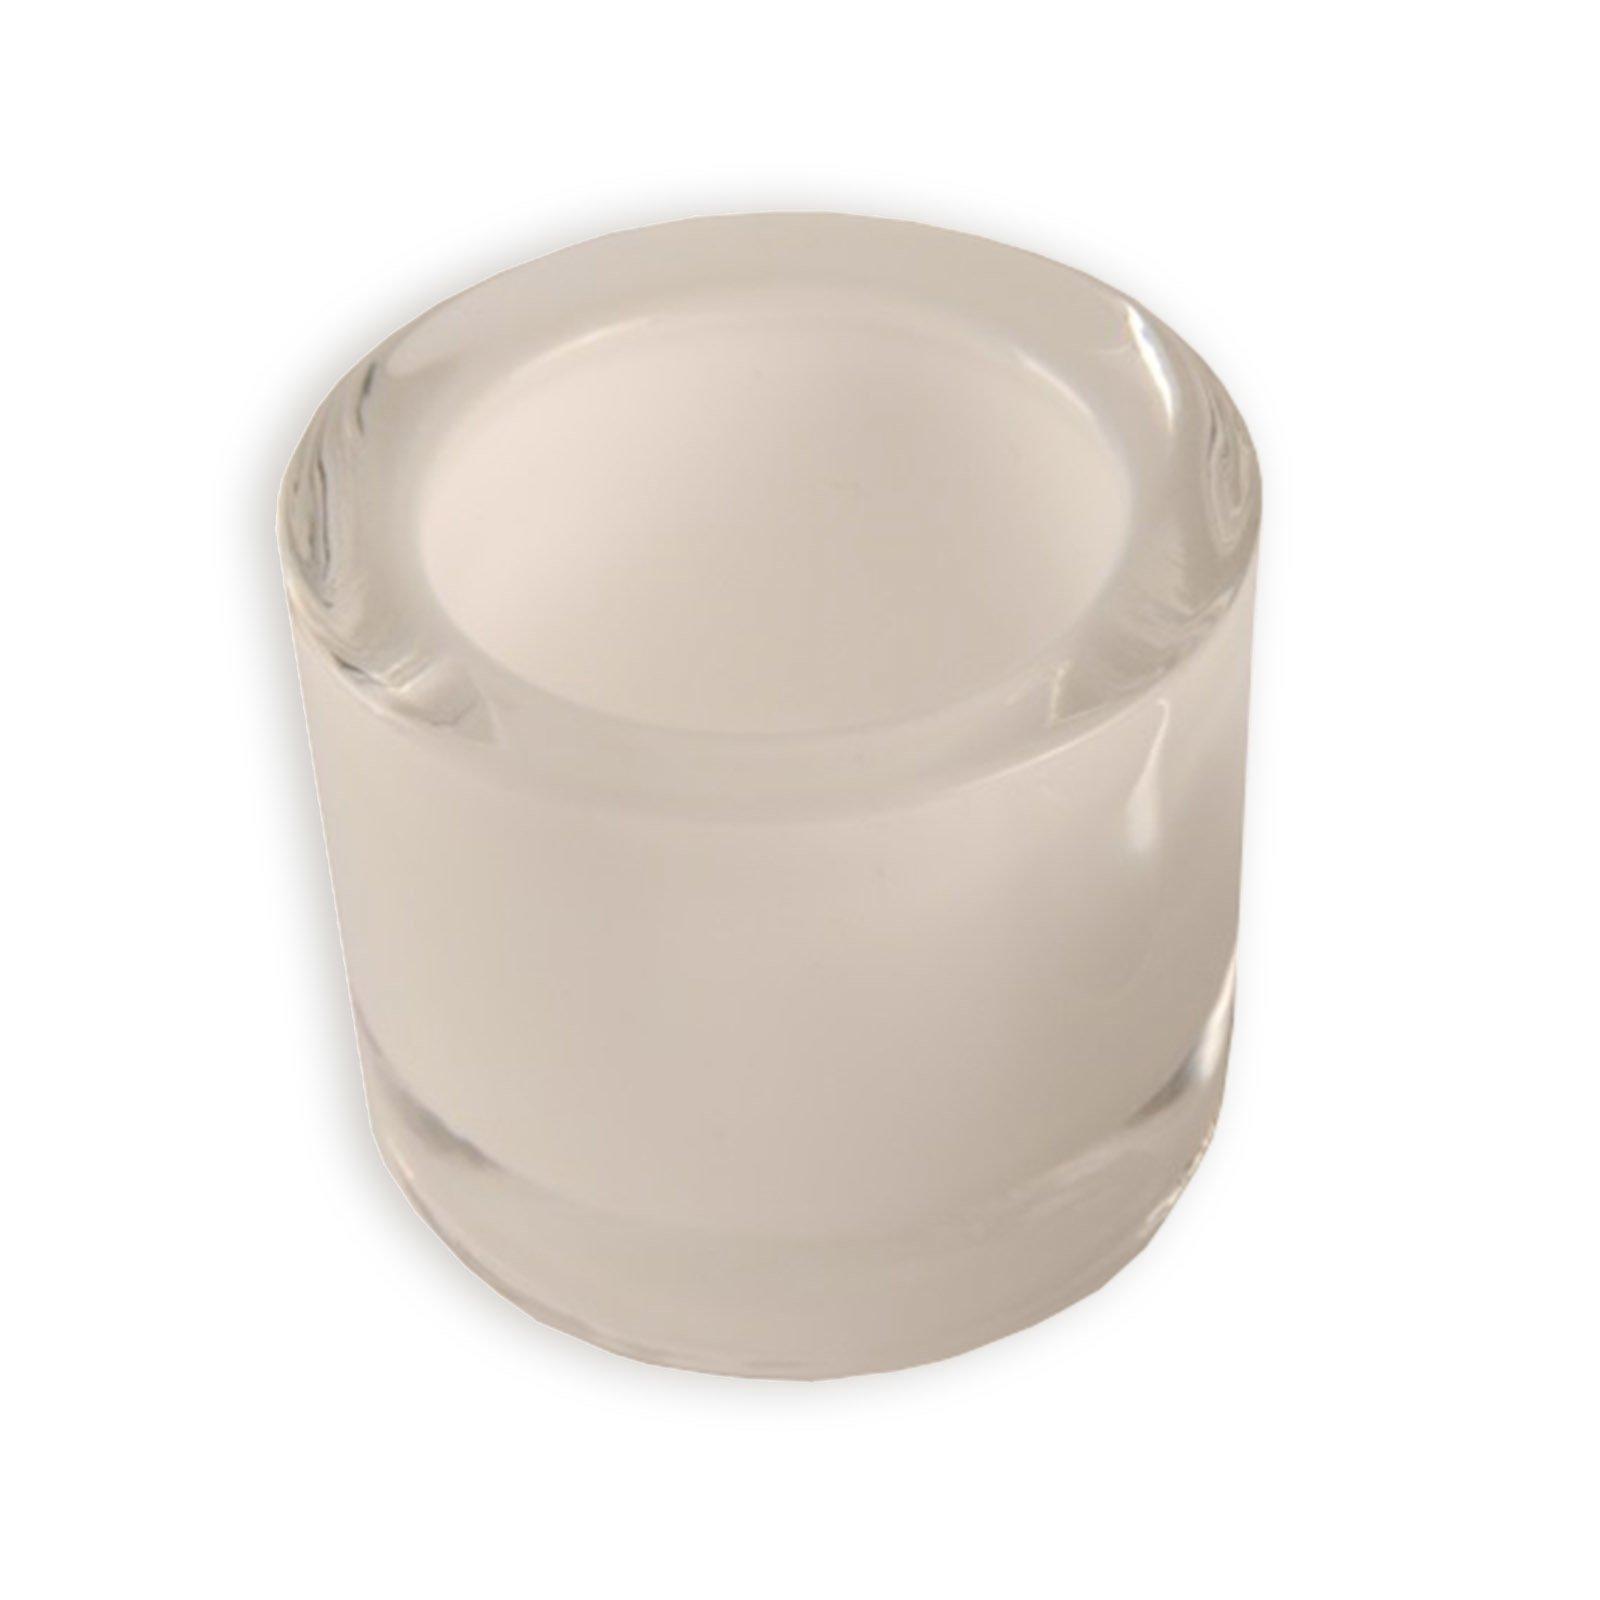 Glas-Windlicht - weiß - Ø 6,5 - 5,7 cm hoch